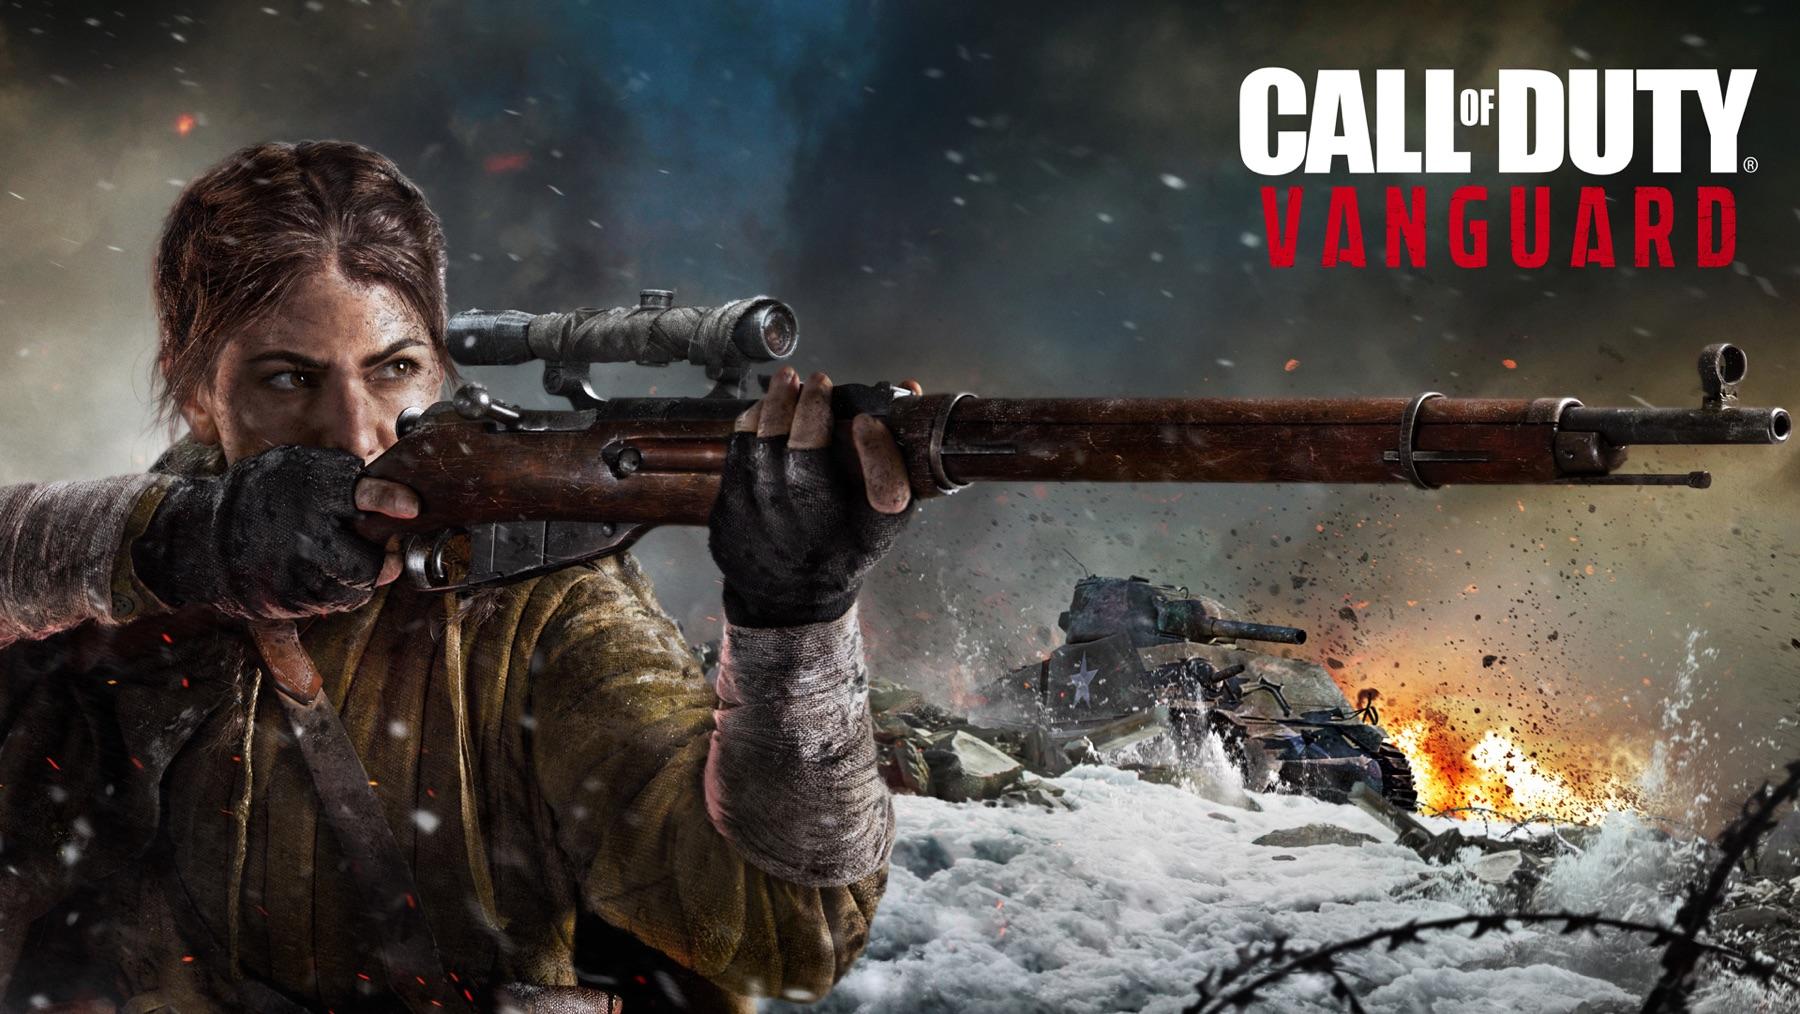 La versión beta de Call of Duty: Vanguard tiene problemas importantes de servidor y audio, GamersRD